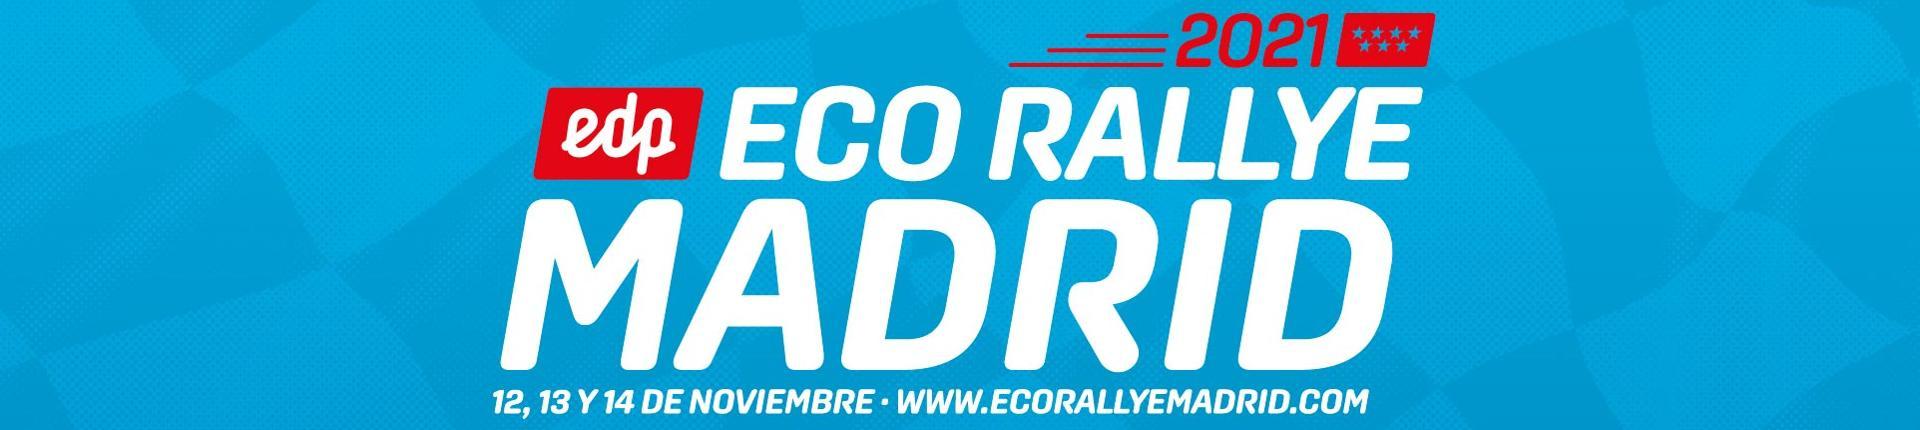 EDP se une al Eco Rallye de Madrid 2021 como title sponsor